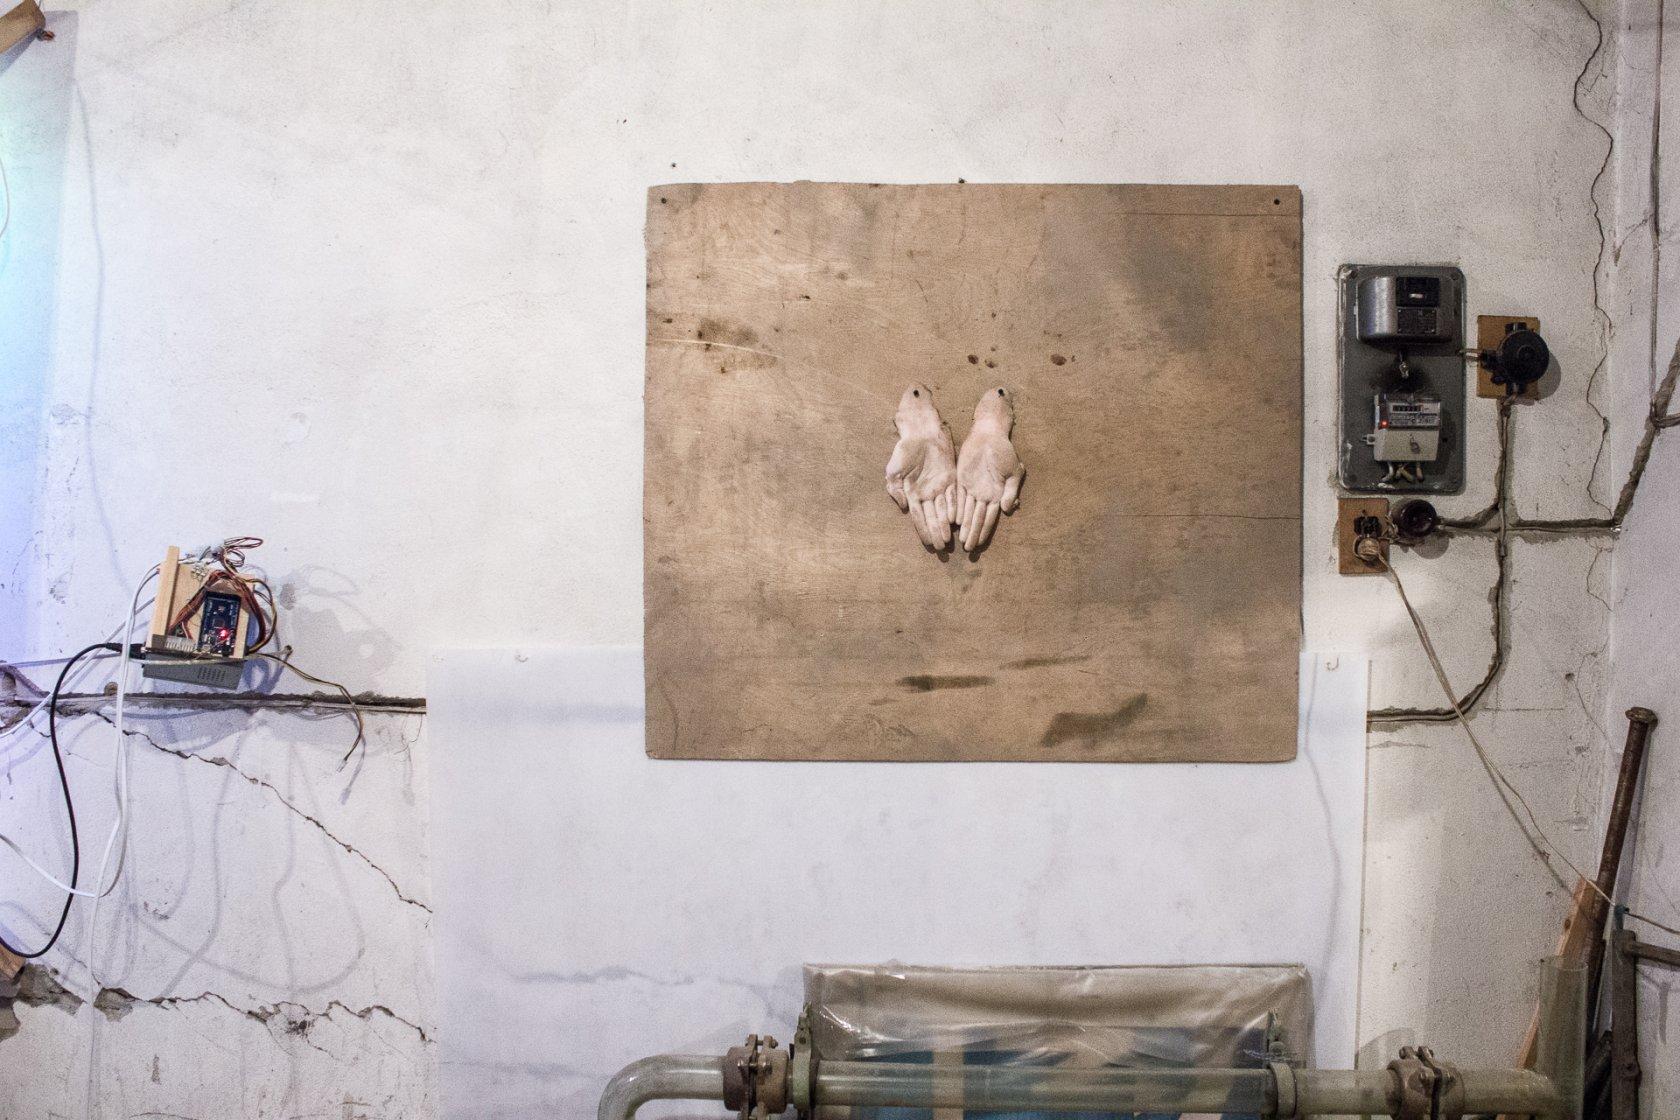 Работа Маяны Насыбулловой на выставке «Иногда они возвращаются» (15 сентября 2017 года, гараж Алексея Грищенко).